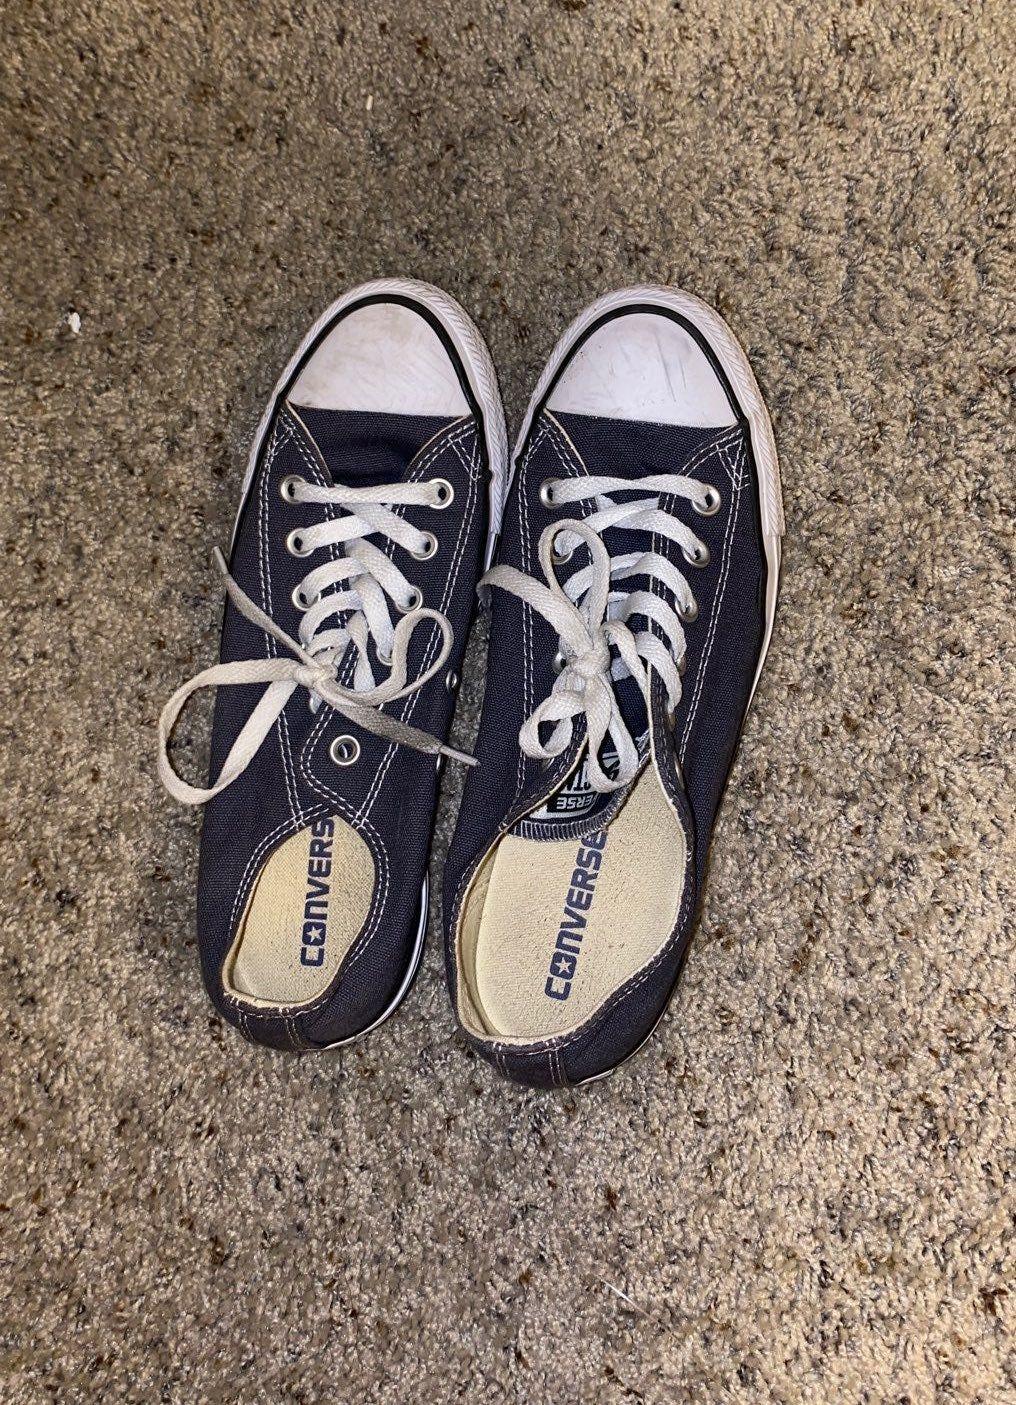 Converse, Chucks converse, Grey converse